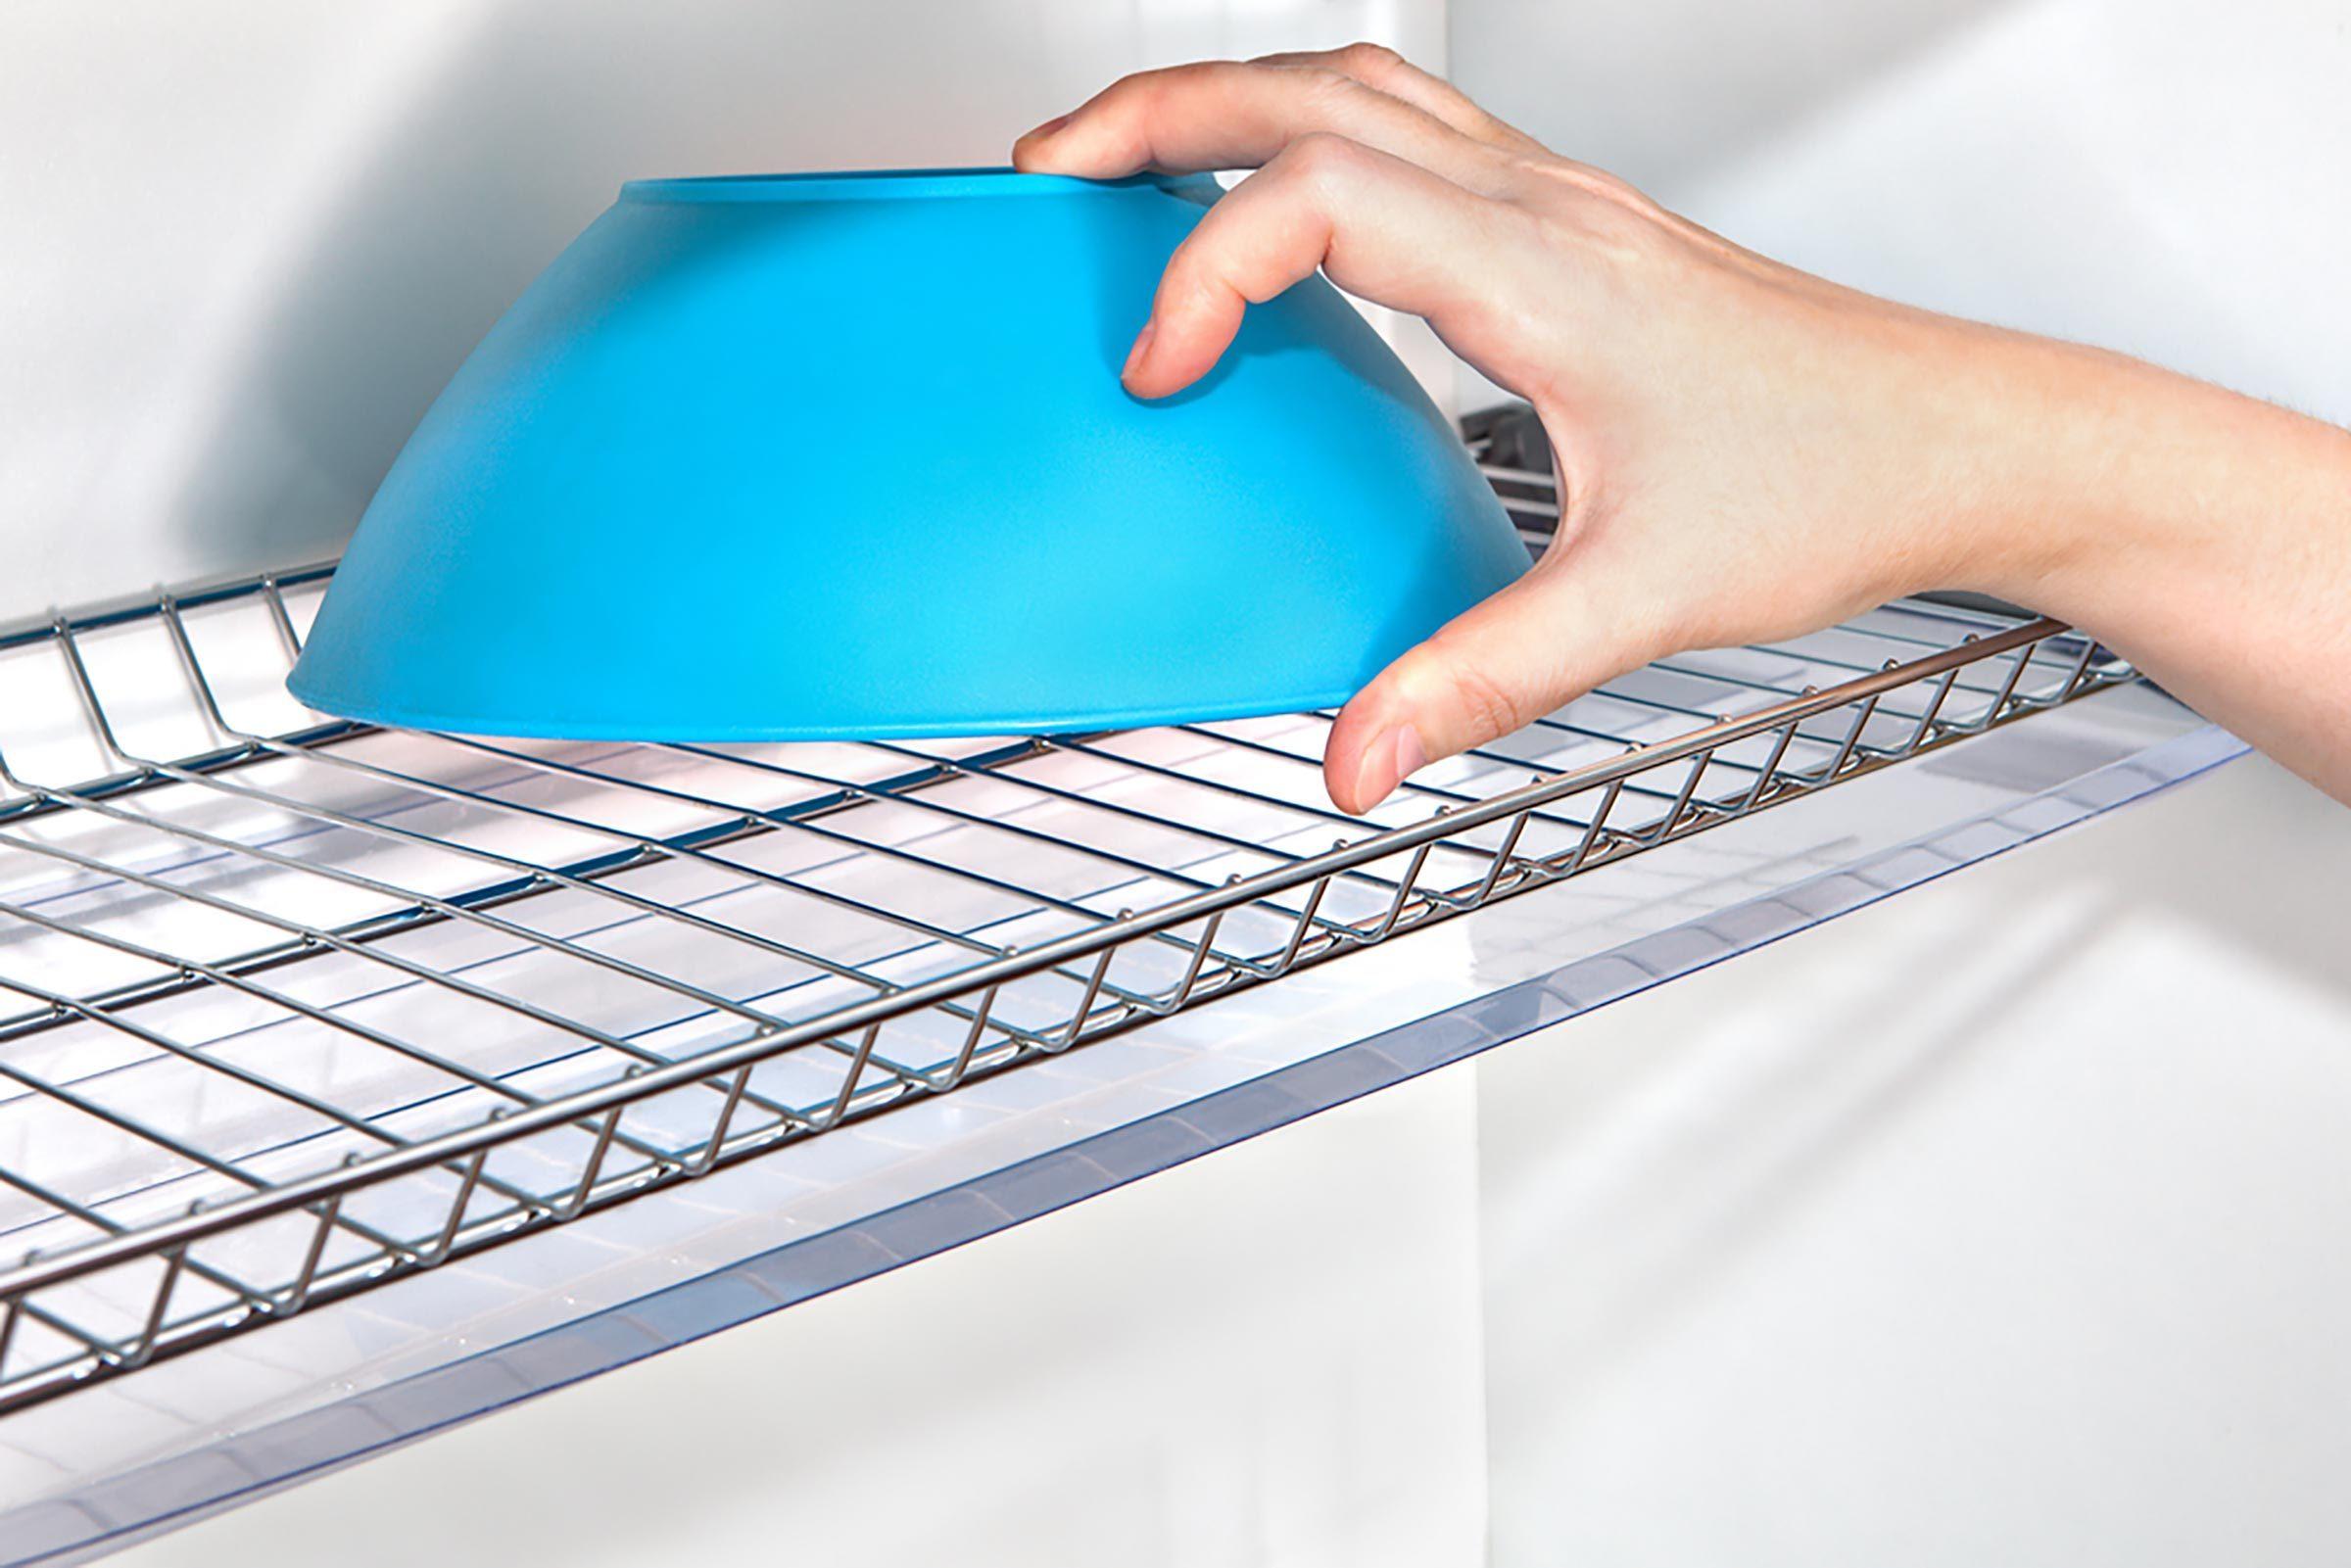 Montez des étagères en treillis métallique sur le côté des poutres pour une rangée de rangements faciles d'accès